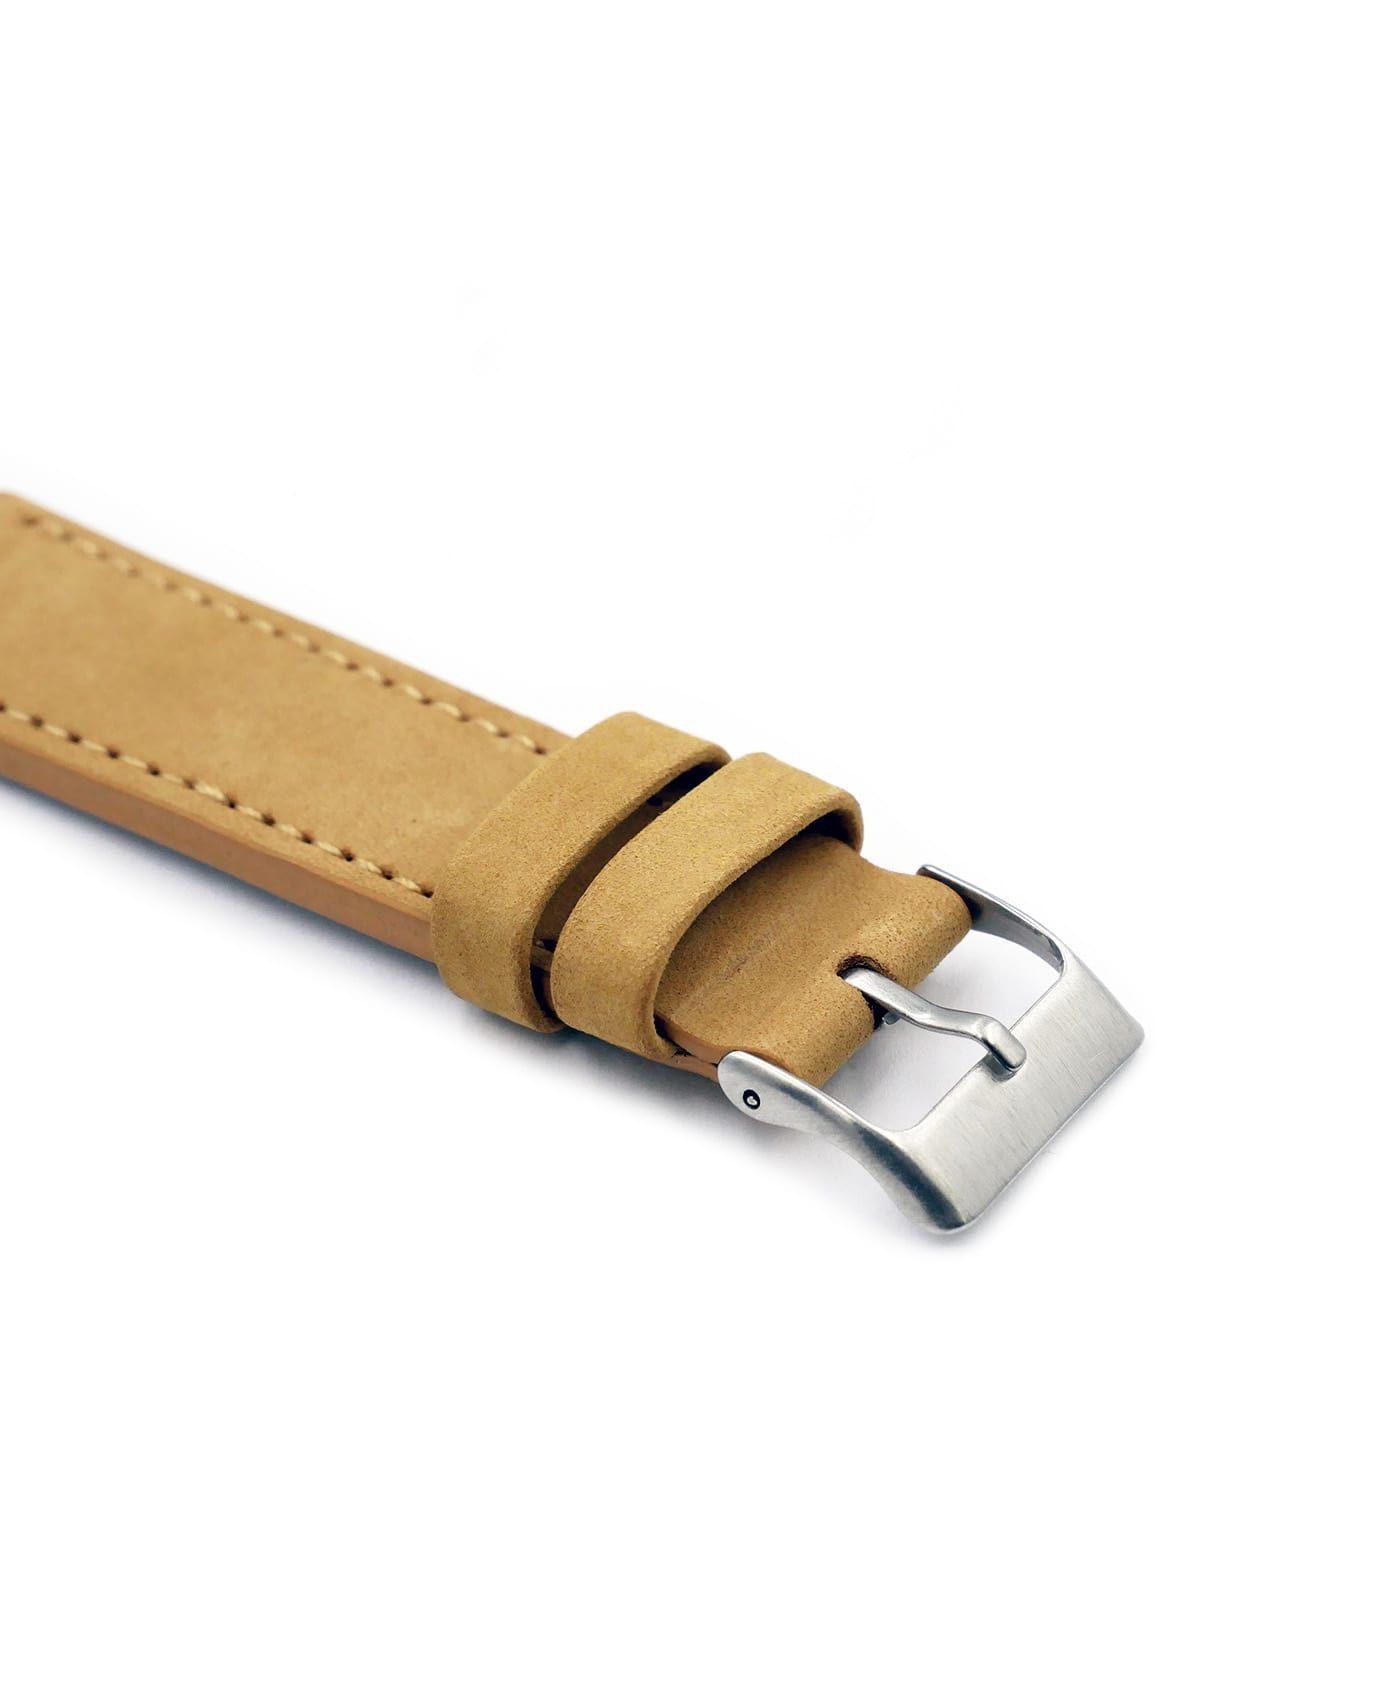 Pebro Premium Calfskin Watch Strap Mustard Beige No 580 buckle close up